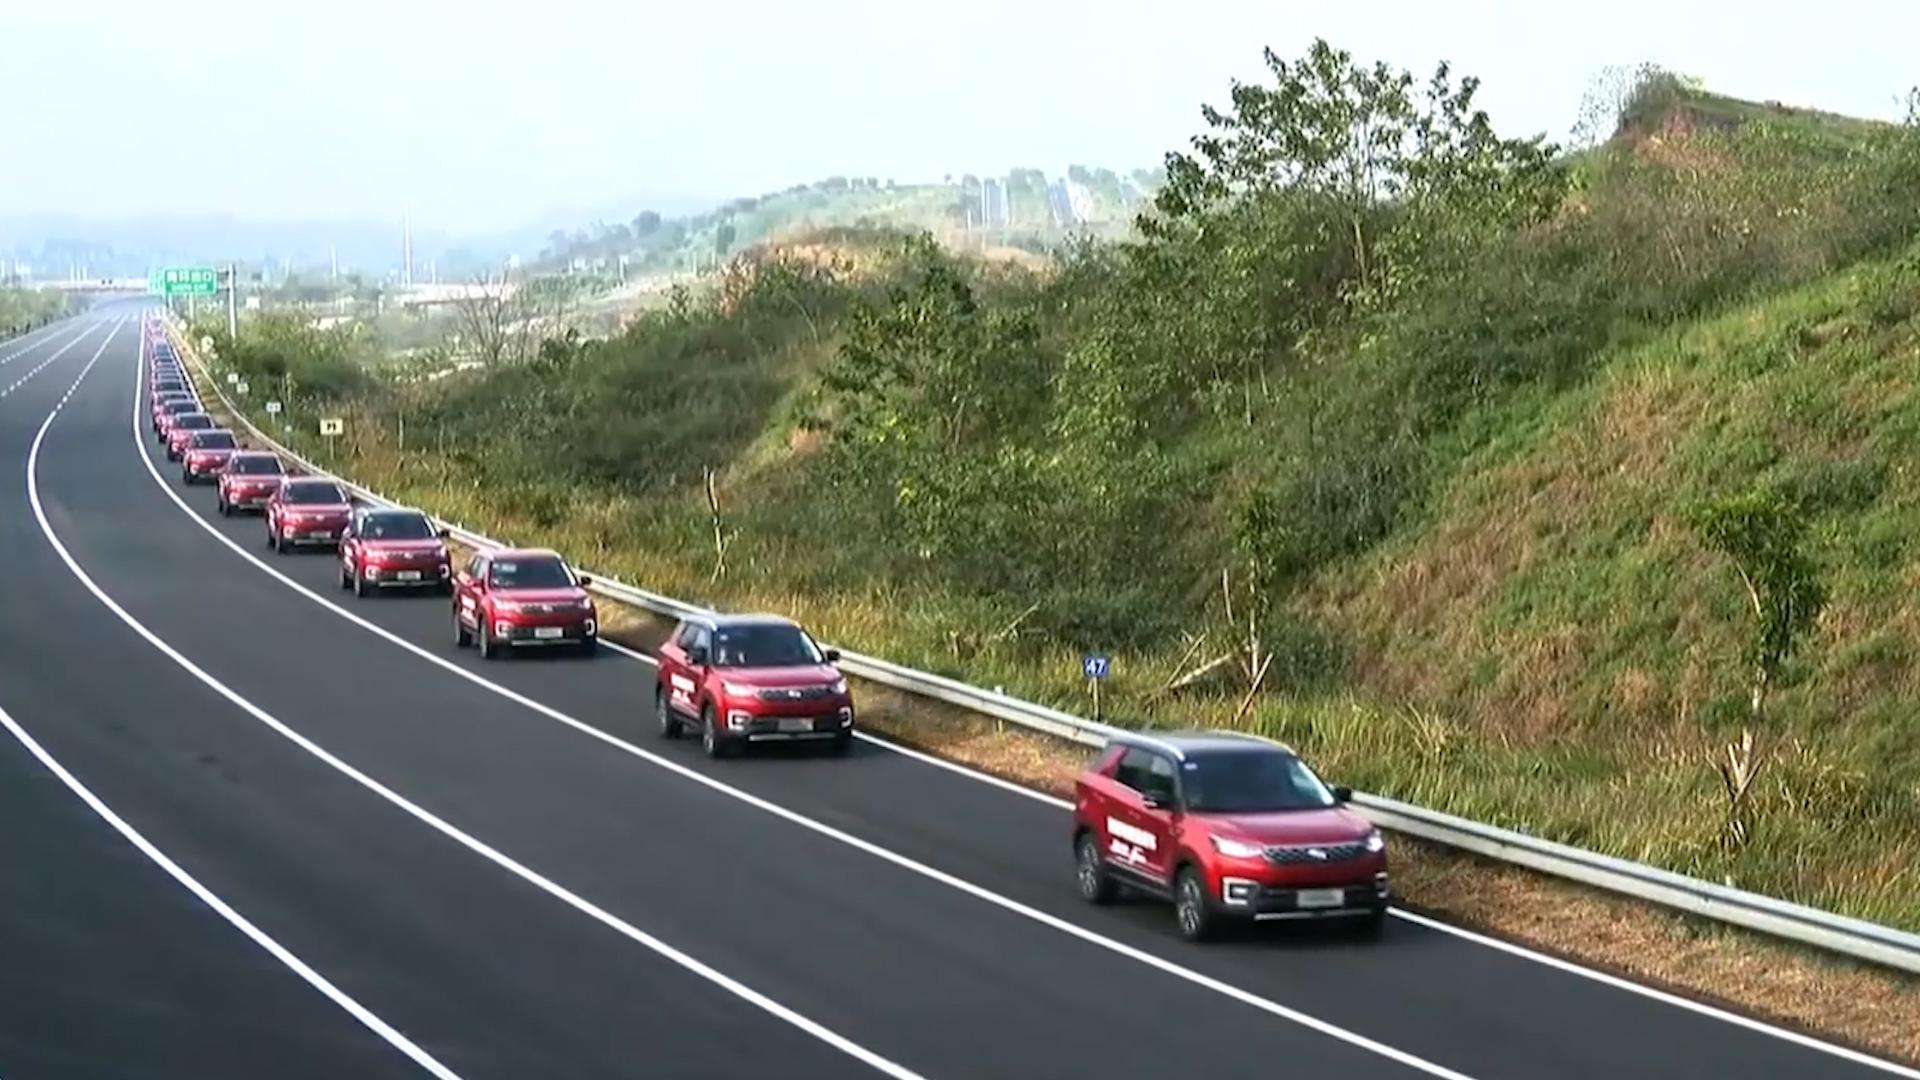 55 autonomous SUVs set a new world record